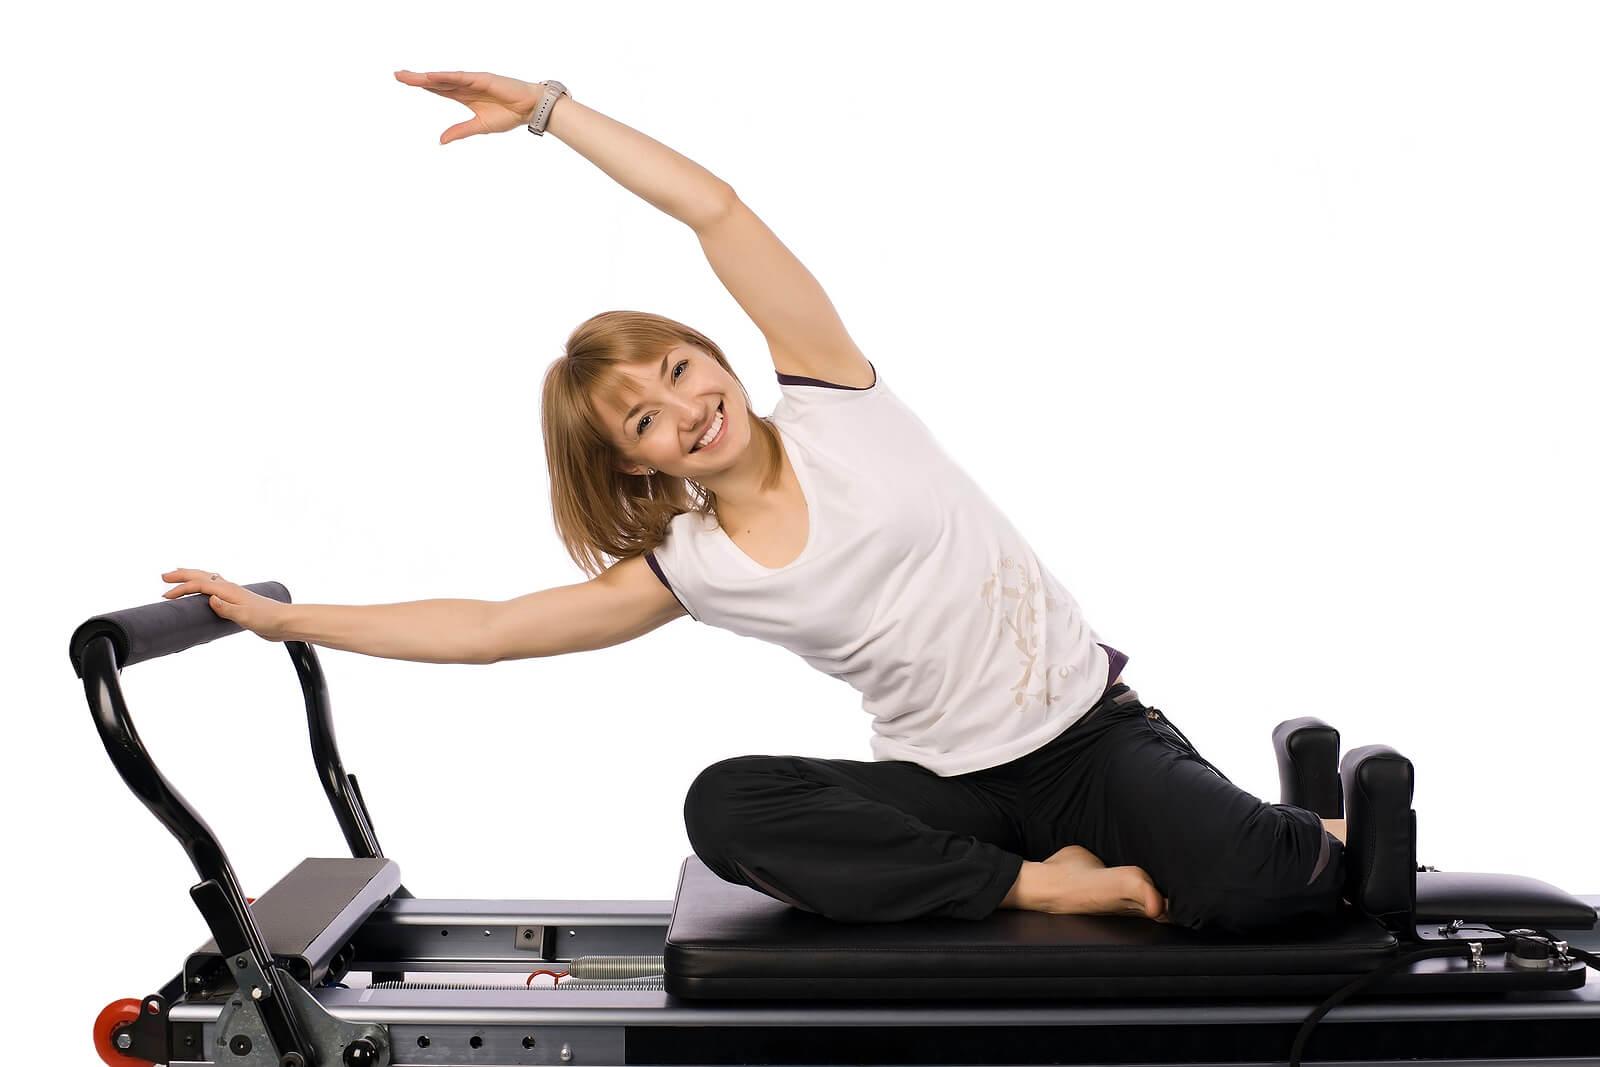 La prevención del cáncer de mama incluye el ejercicio constante